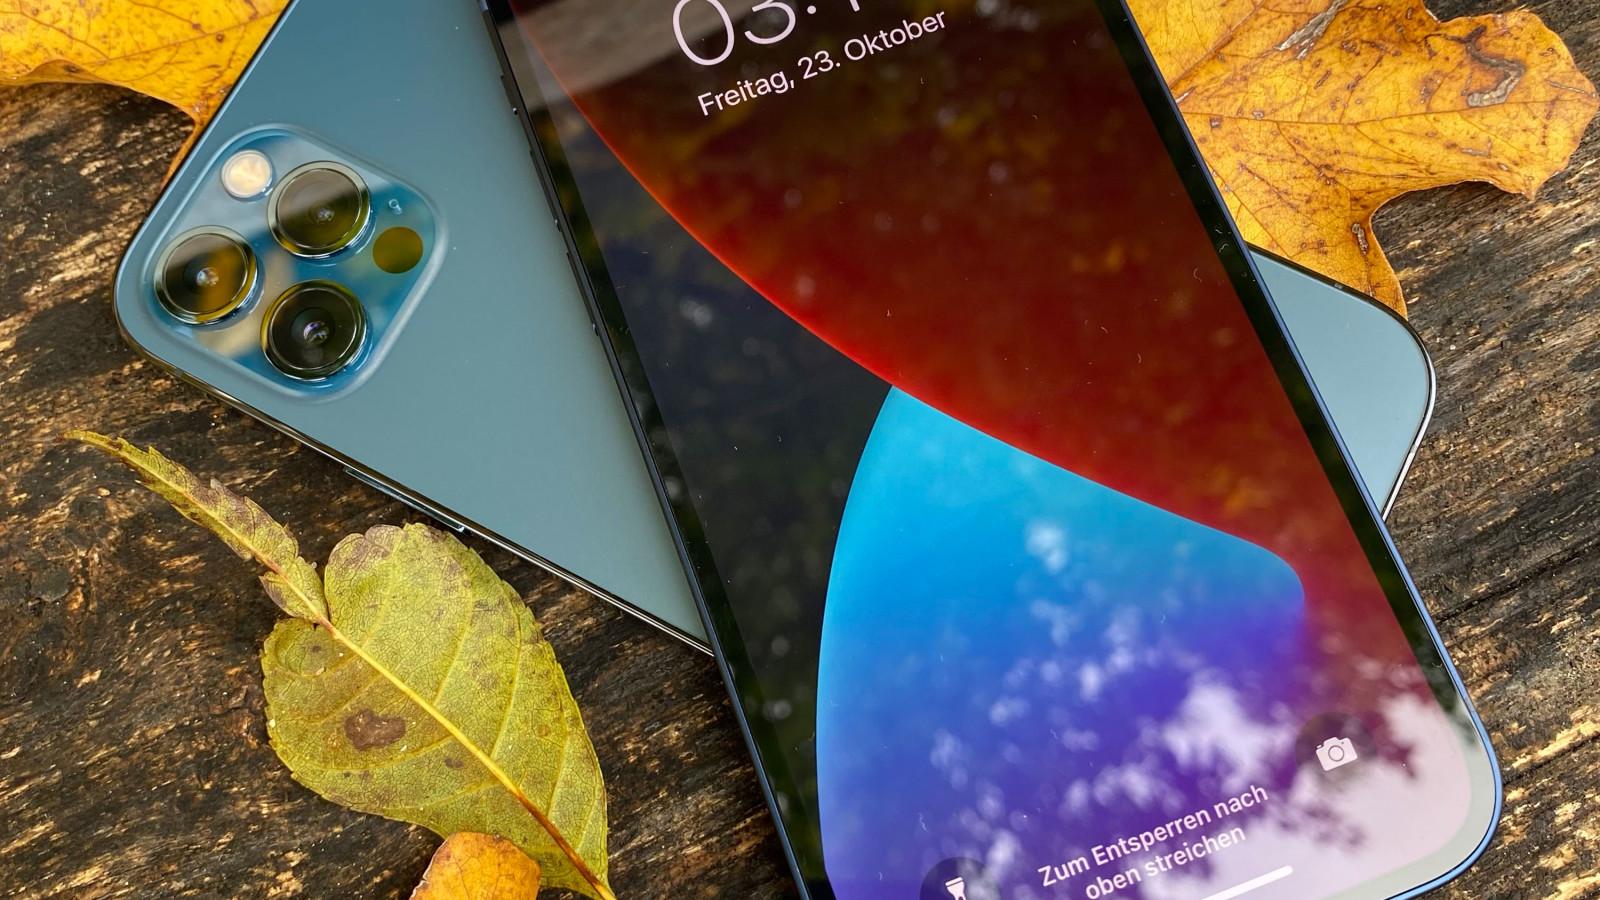 Das iPhone 12 Pro Max komplettiert das Line-up 2020